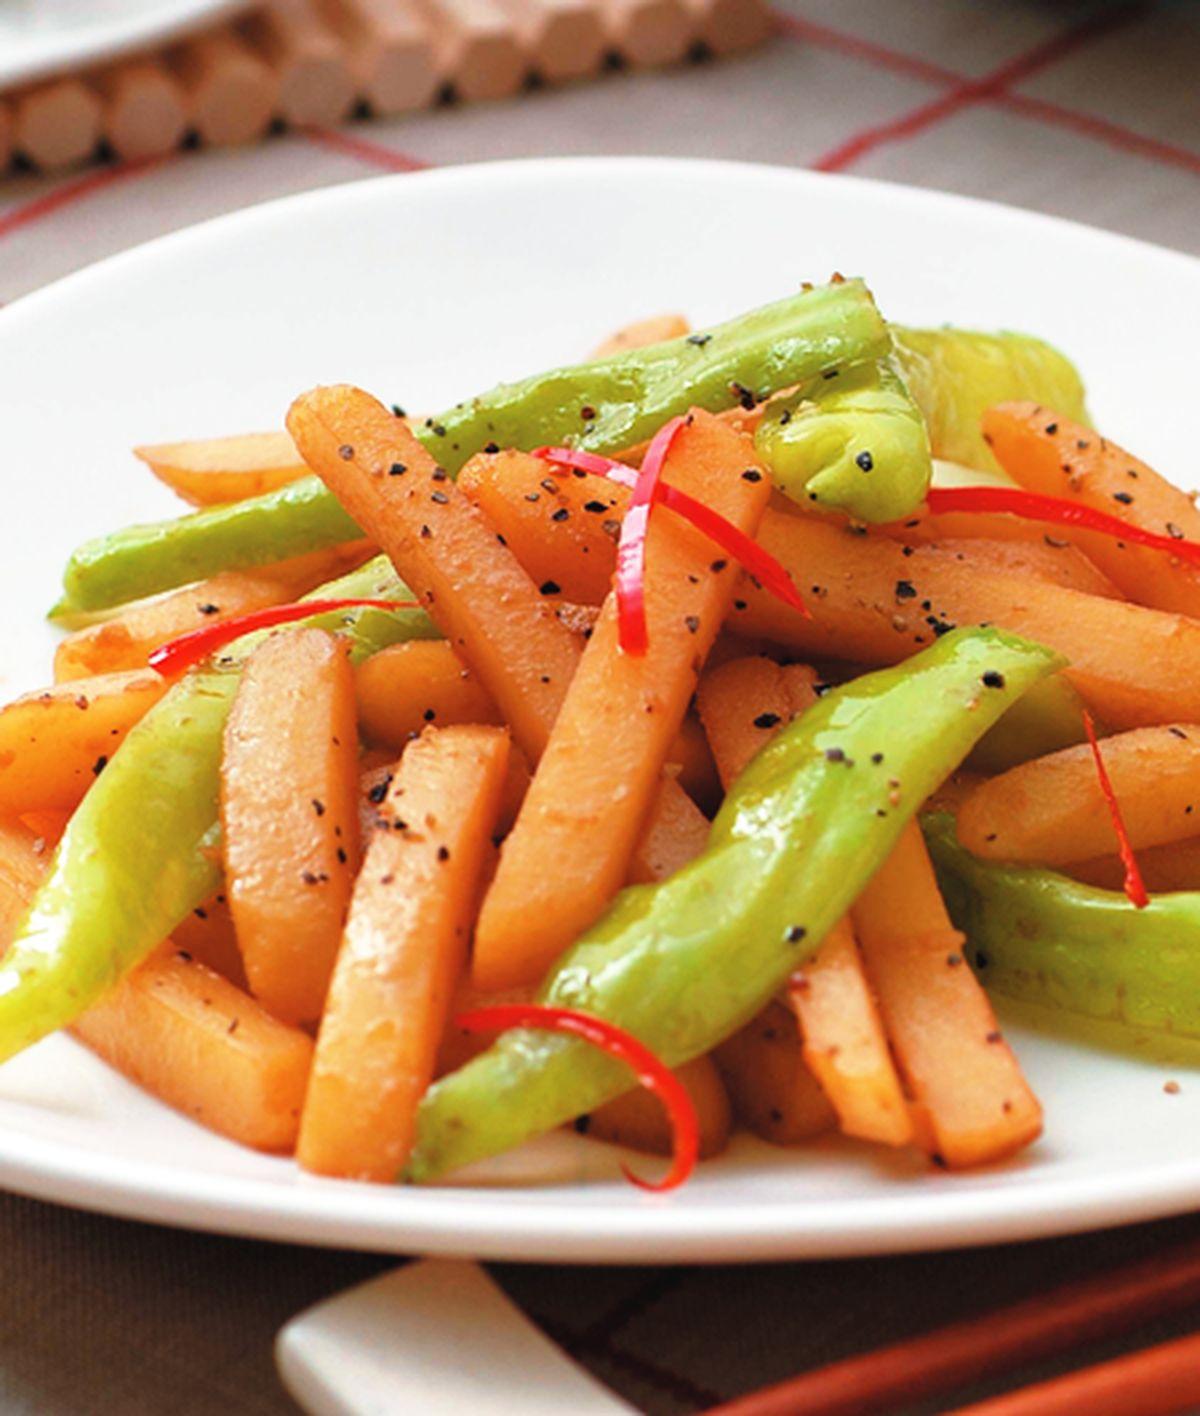 食譜:清炒馬鈴薯條